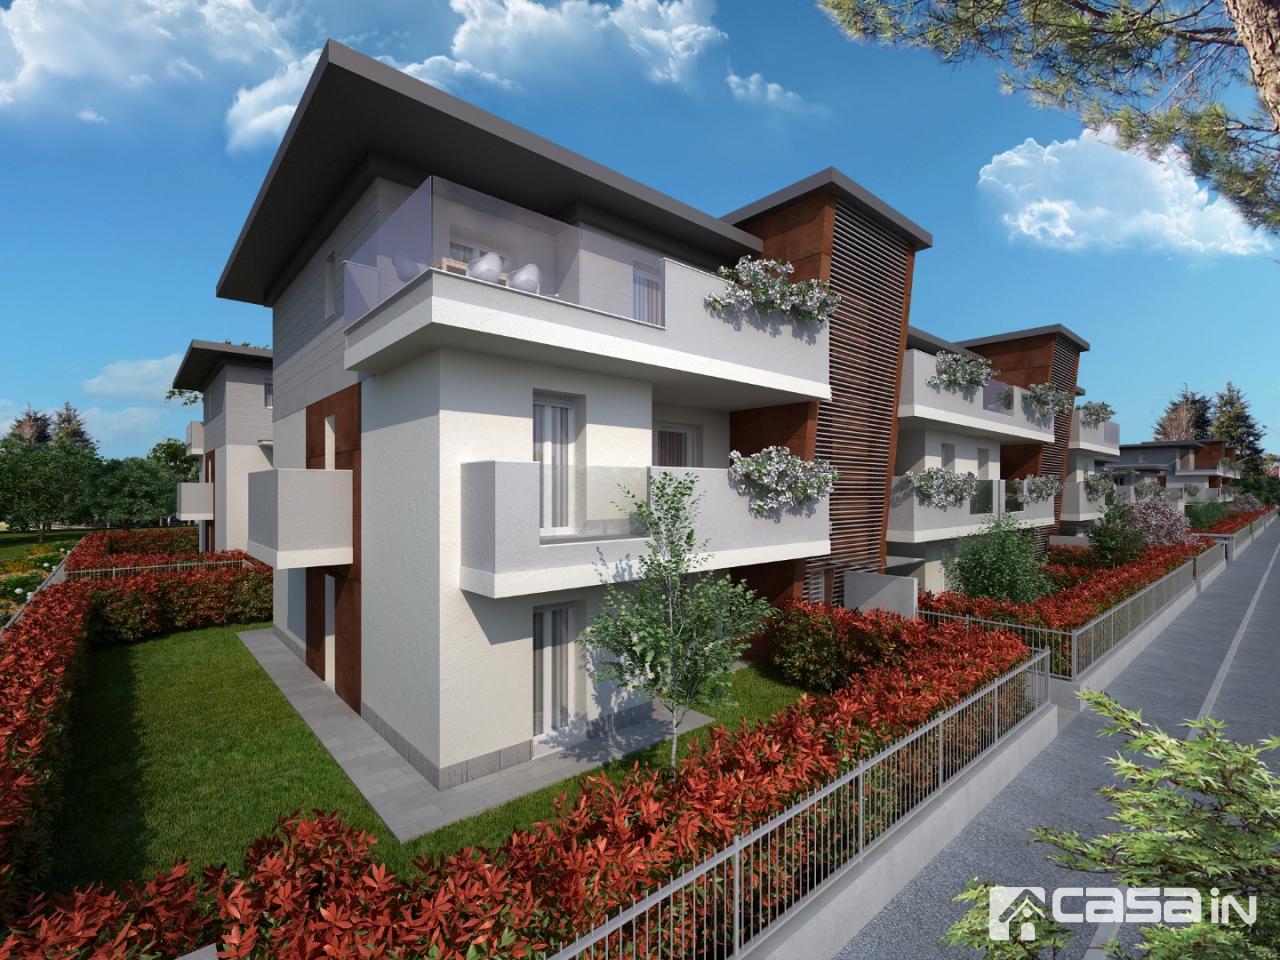 POZZO D'ADDA , 4 LOCALI con TERRAZZO: In palazzina di nuova costruzione, proponiamo in vendita luminoso appartamento di 4 locali libero su tre lati con terrazzo, l'immobile, personailizzabile nelle finiture, è composto da soggiorno con fogo sul terrazzo, cucina abitabile, 3 camere, 2 balconi e 2 bagni.<br /> <br /> Possibilità box singolo o doppio.